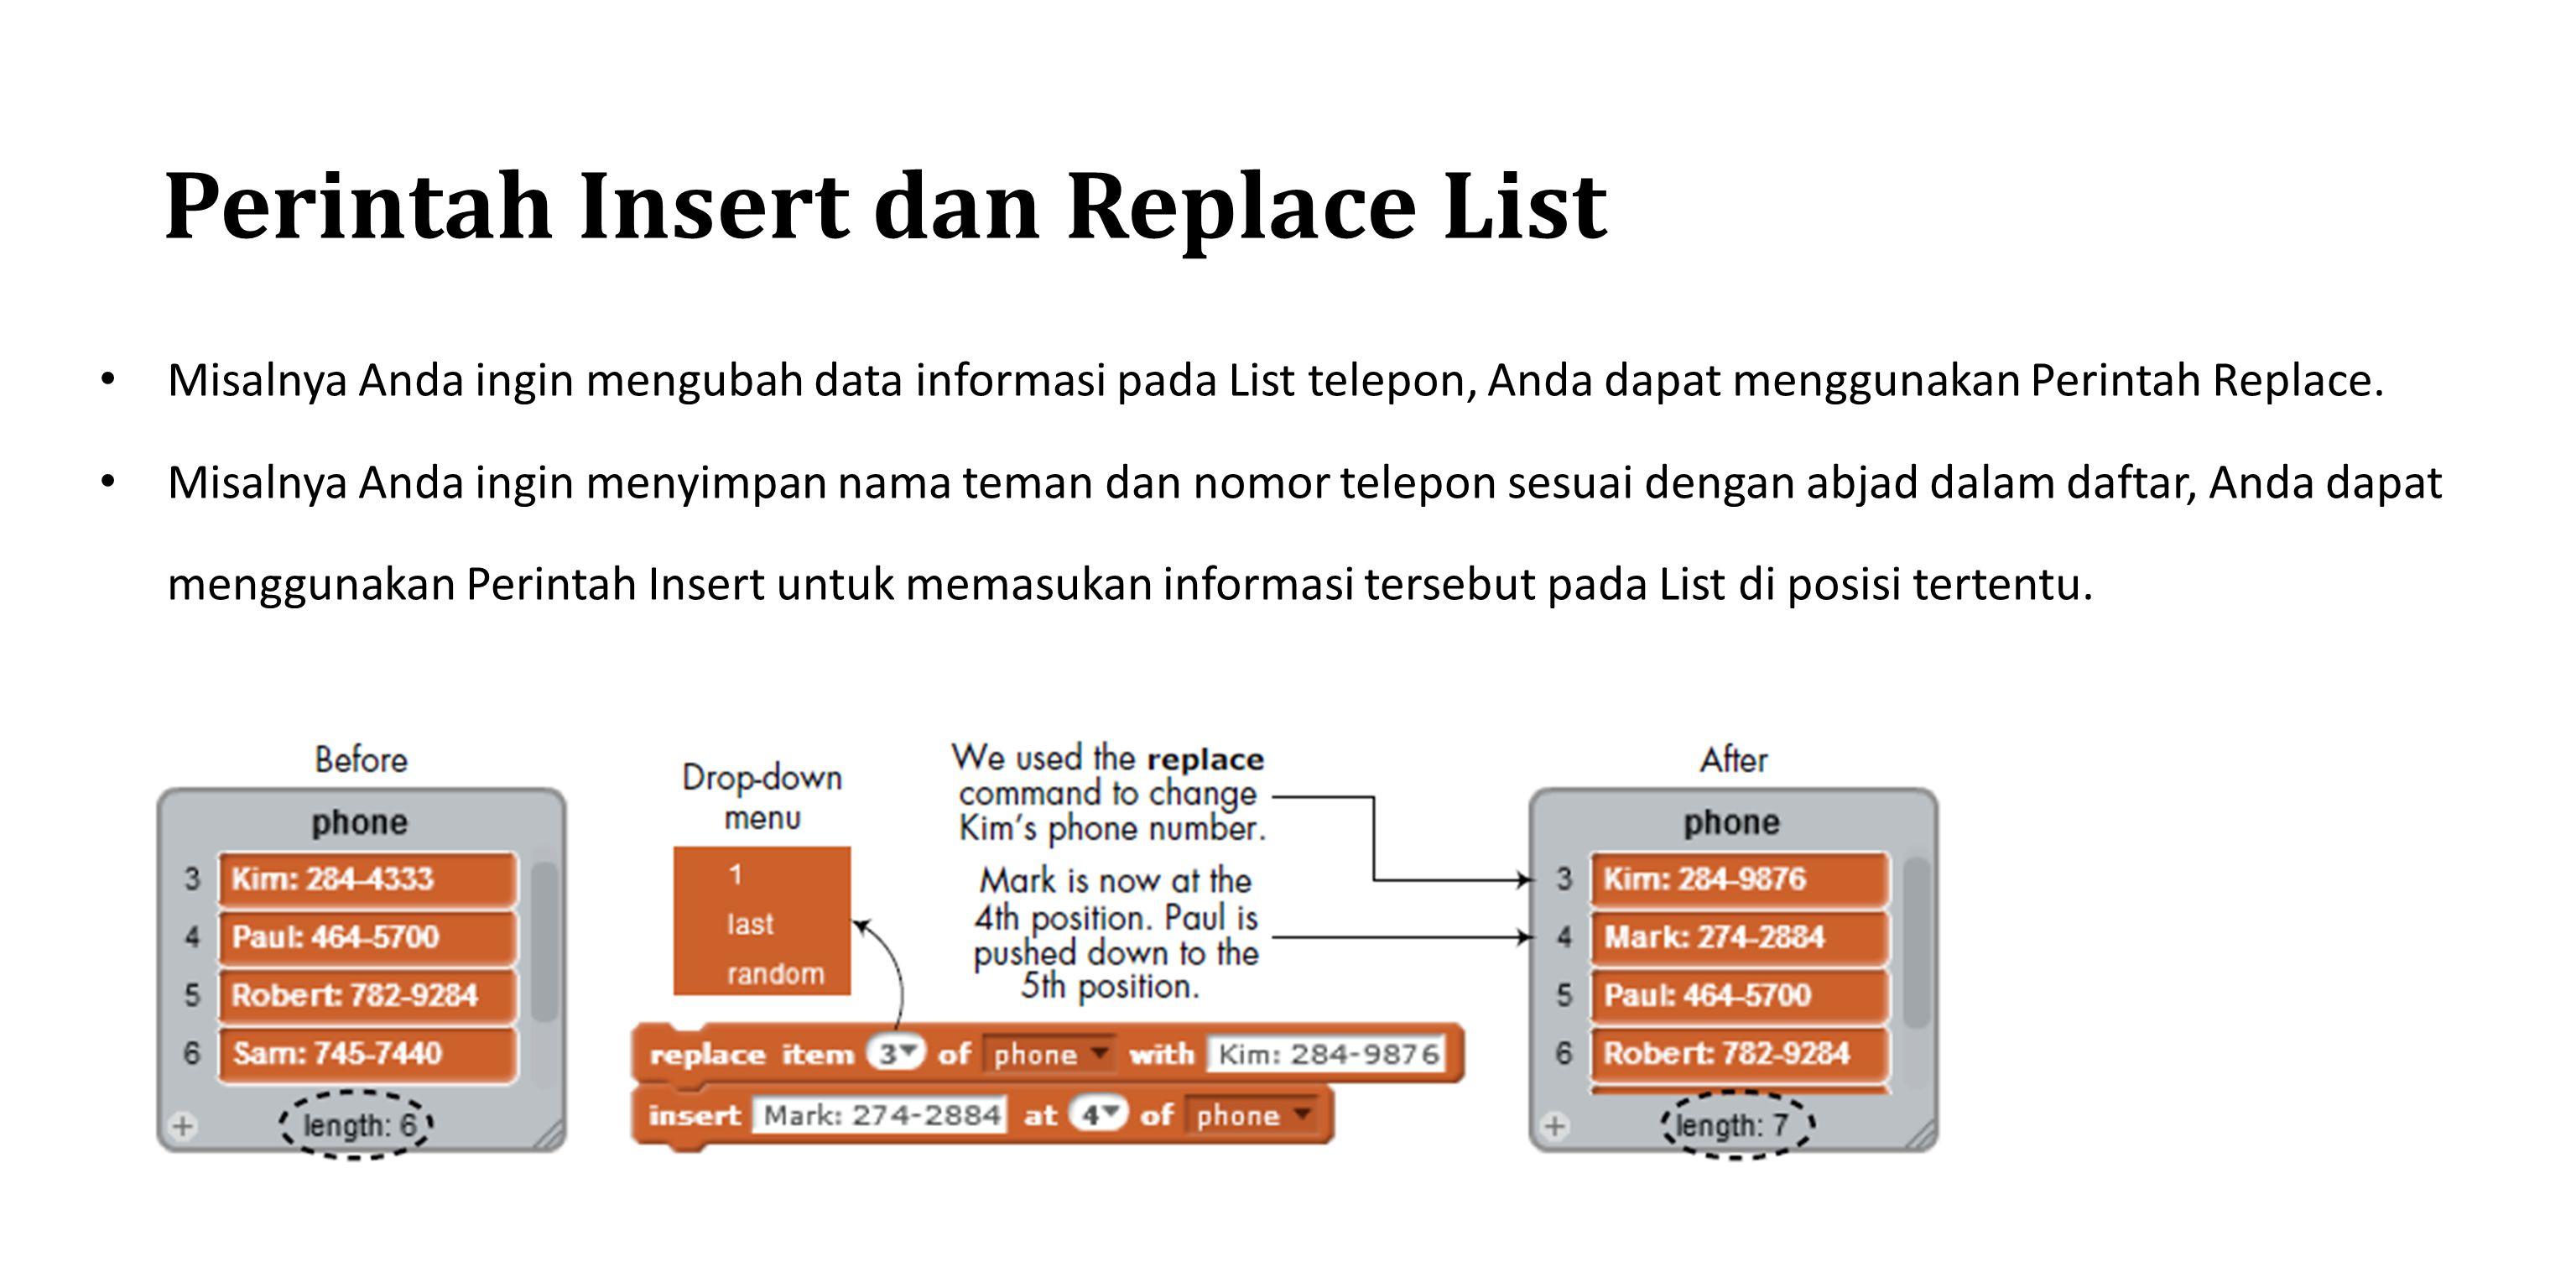 Perintah Insert dan Replace List